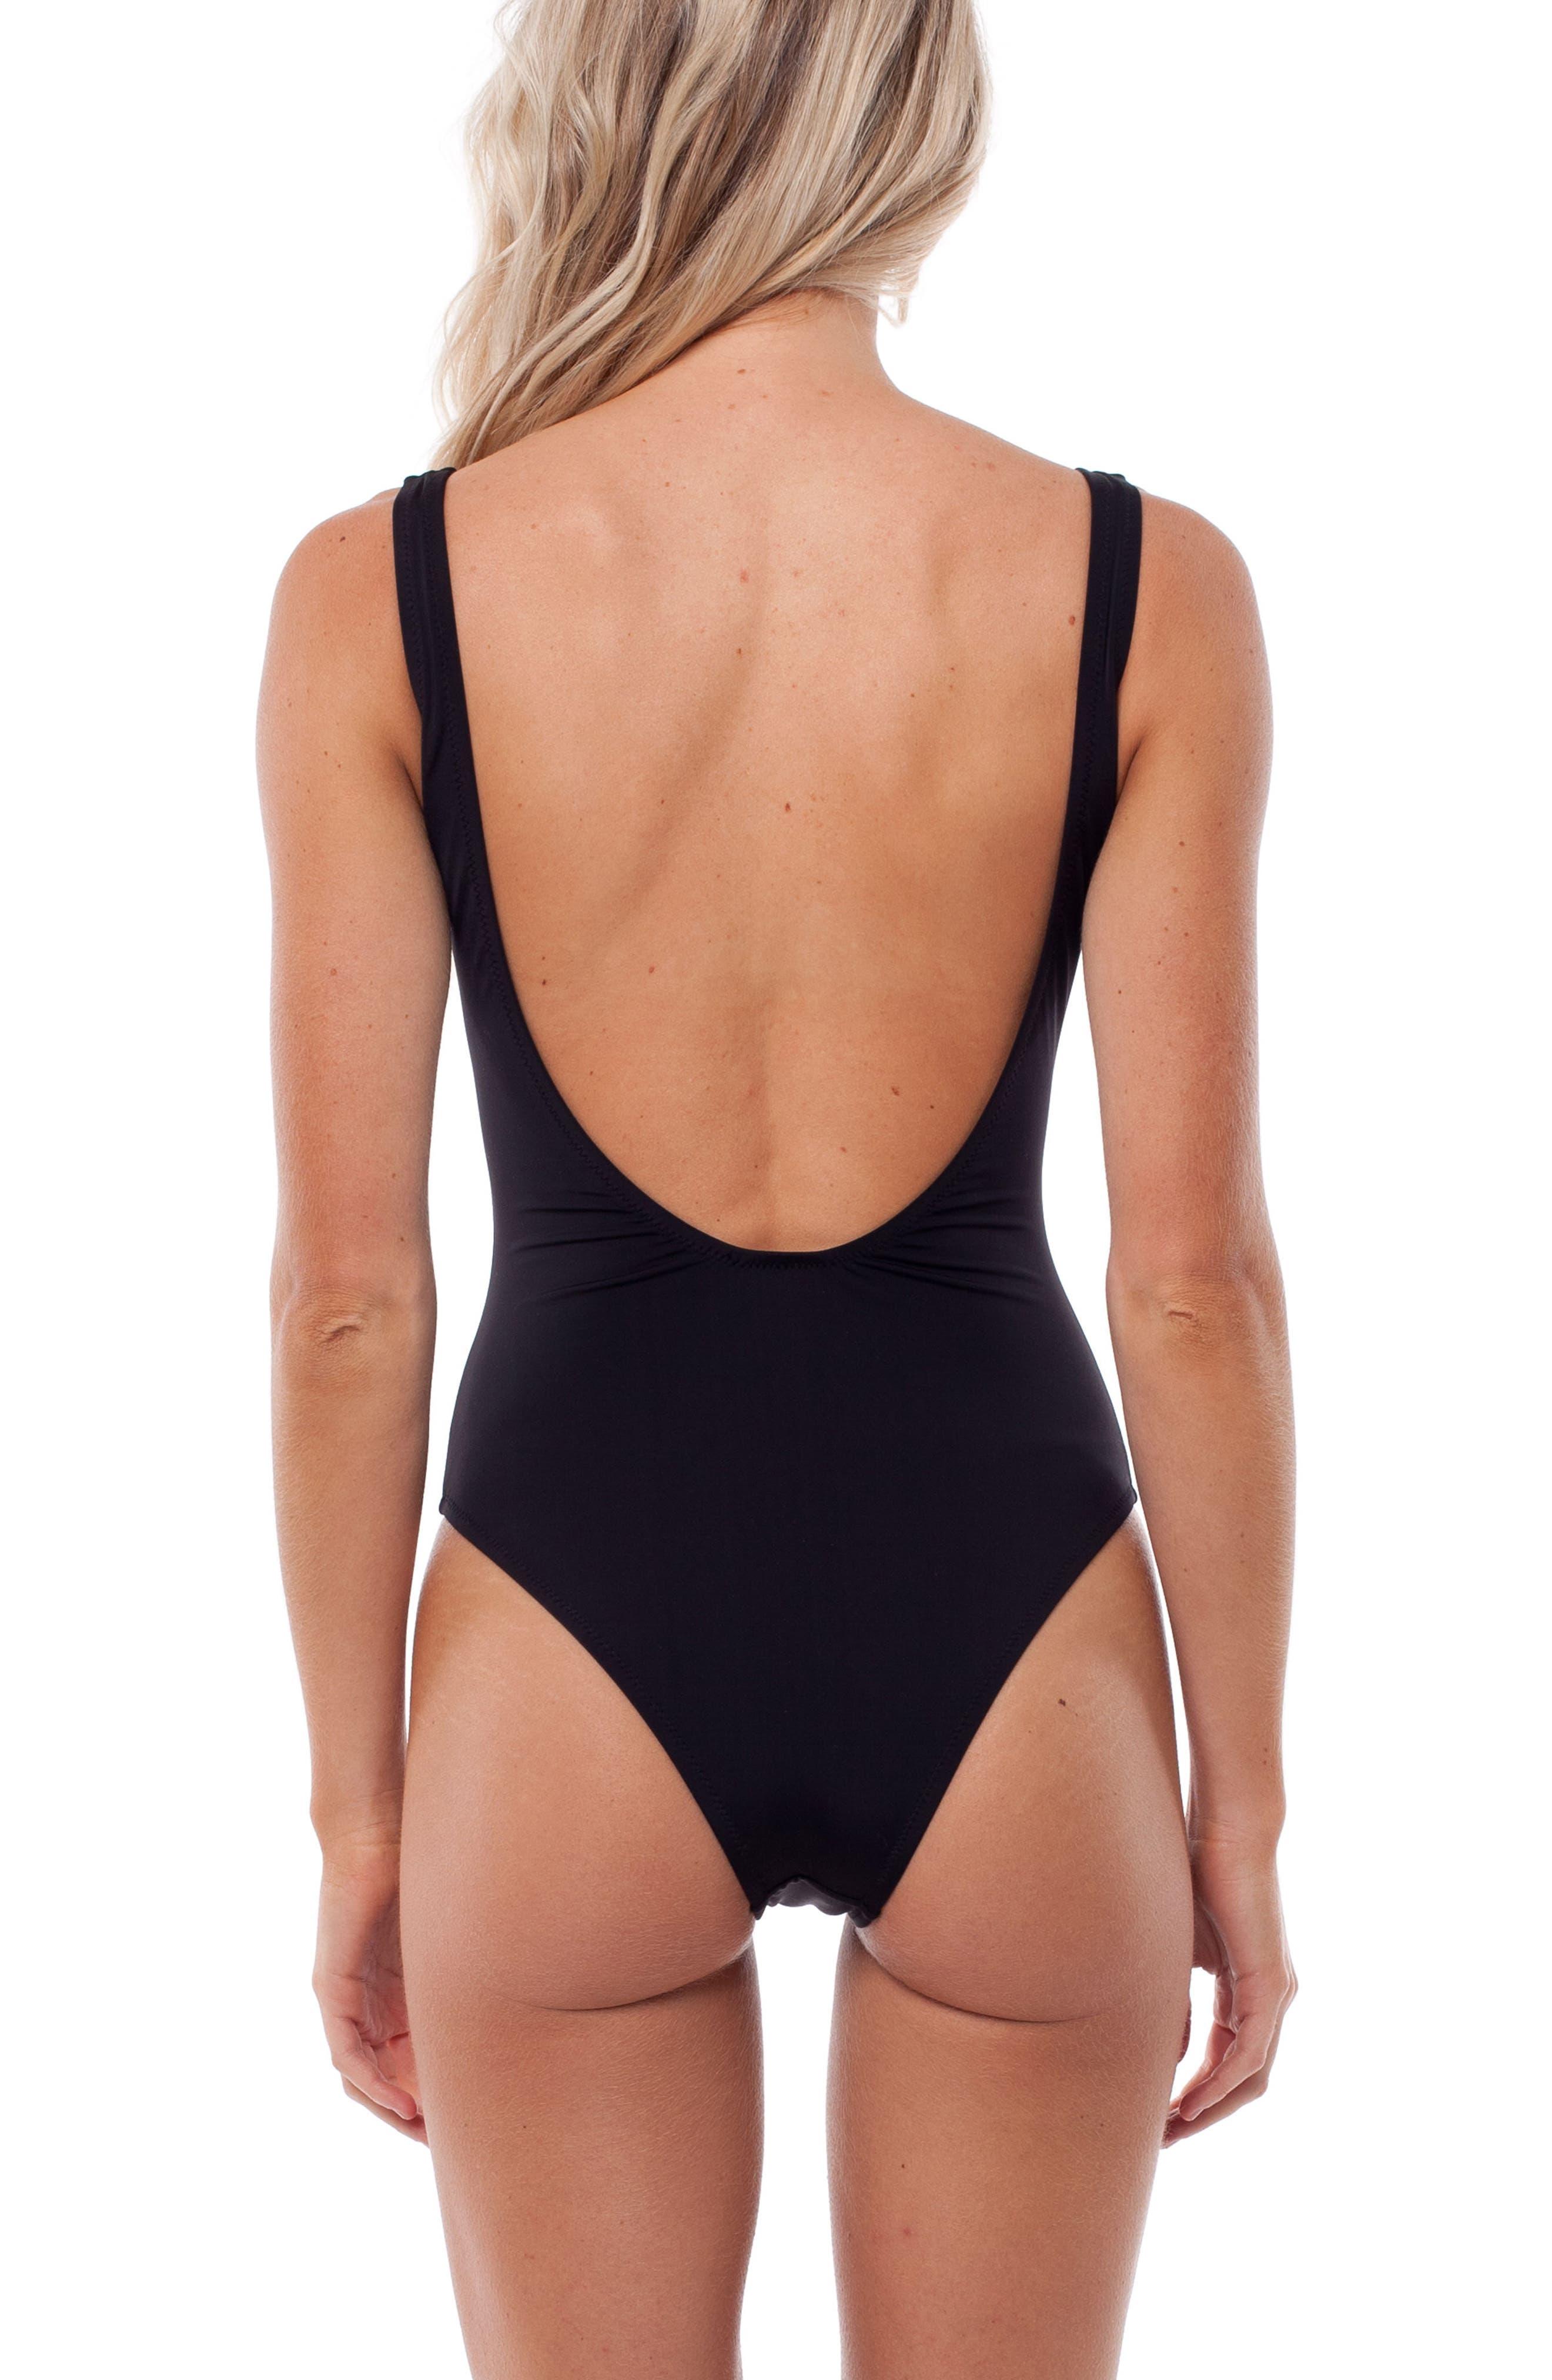 Gidget One-Piece Swimsuit,                             Alternate thumbnail 2, color,                             001